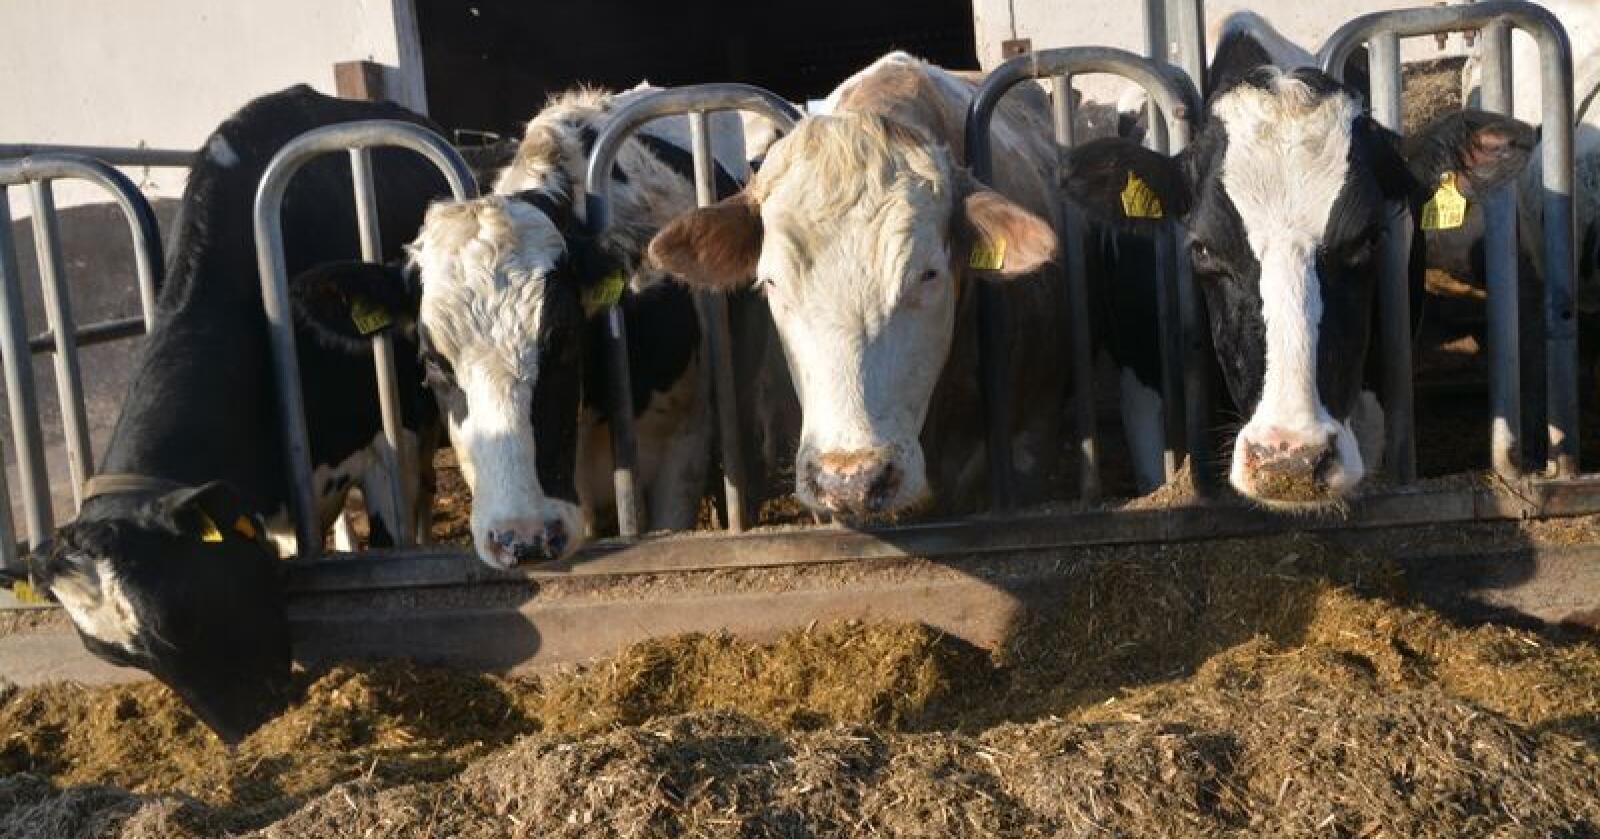 Antibiotikabruken i EU har gått kraftig ned de siste åra, men fortsatt er det store forskjeller mellom landene. Bildet viser melkekyr i Tyskland. – et land som per 2015 brukte 211 milligram antibiotika per kilo kjøtt, mot kun 4 milligram i Norge. Foto: Anders Sandbu